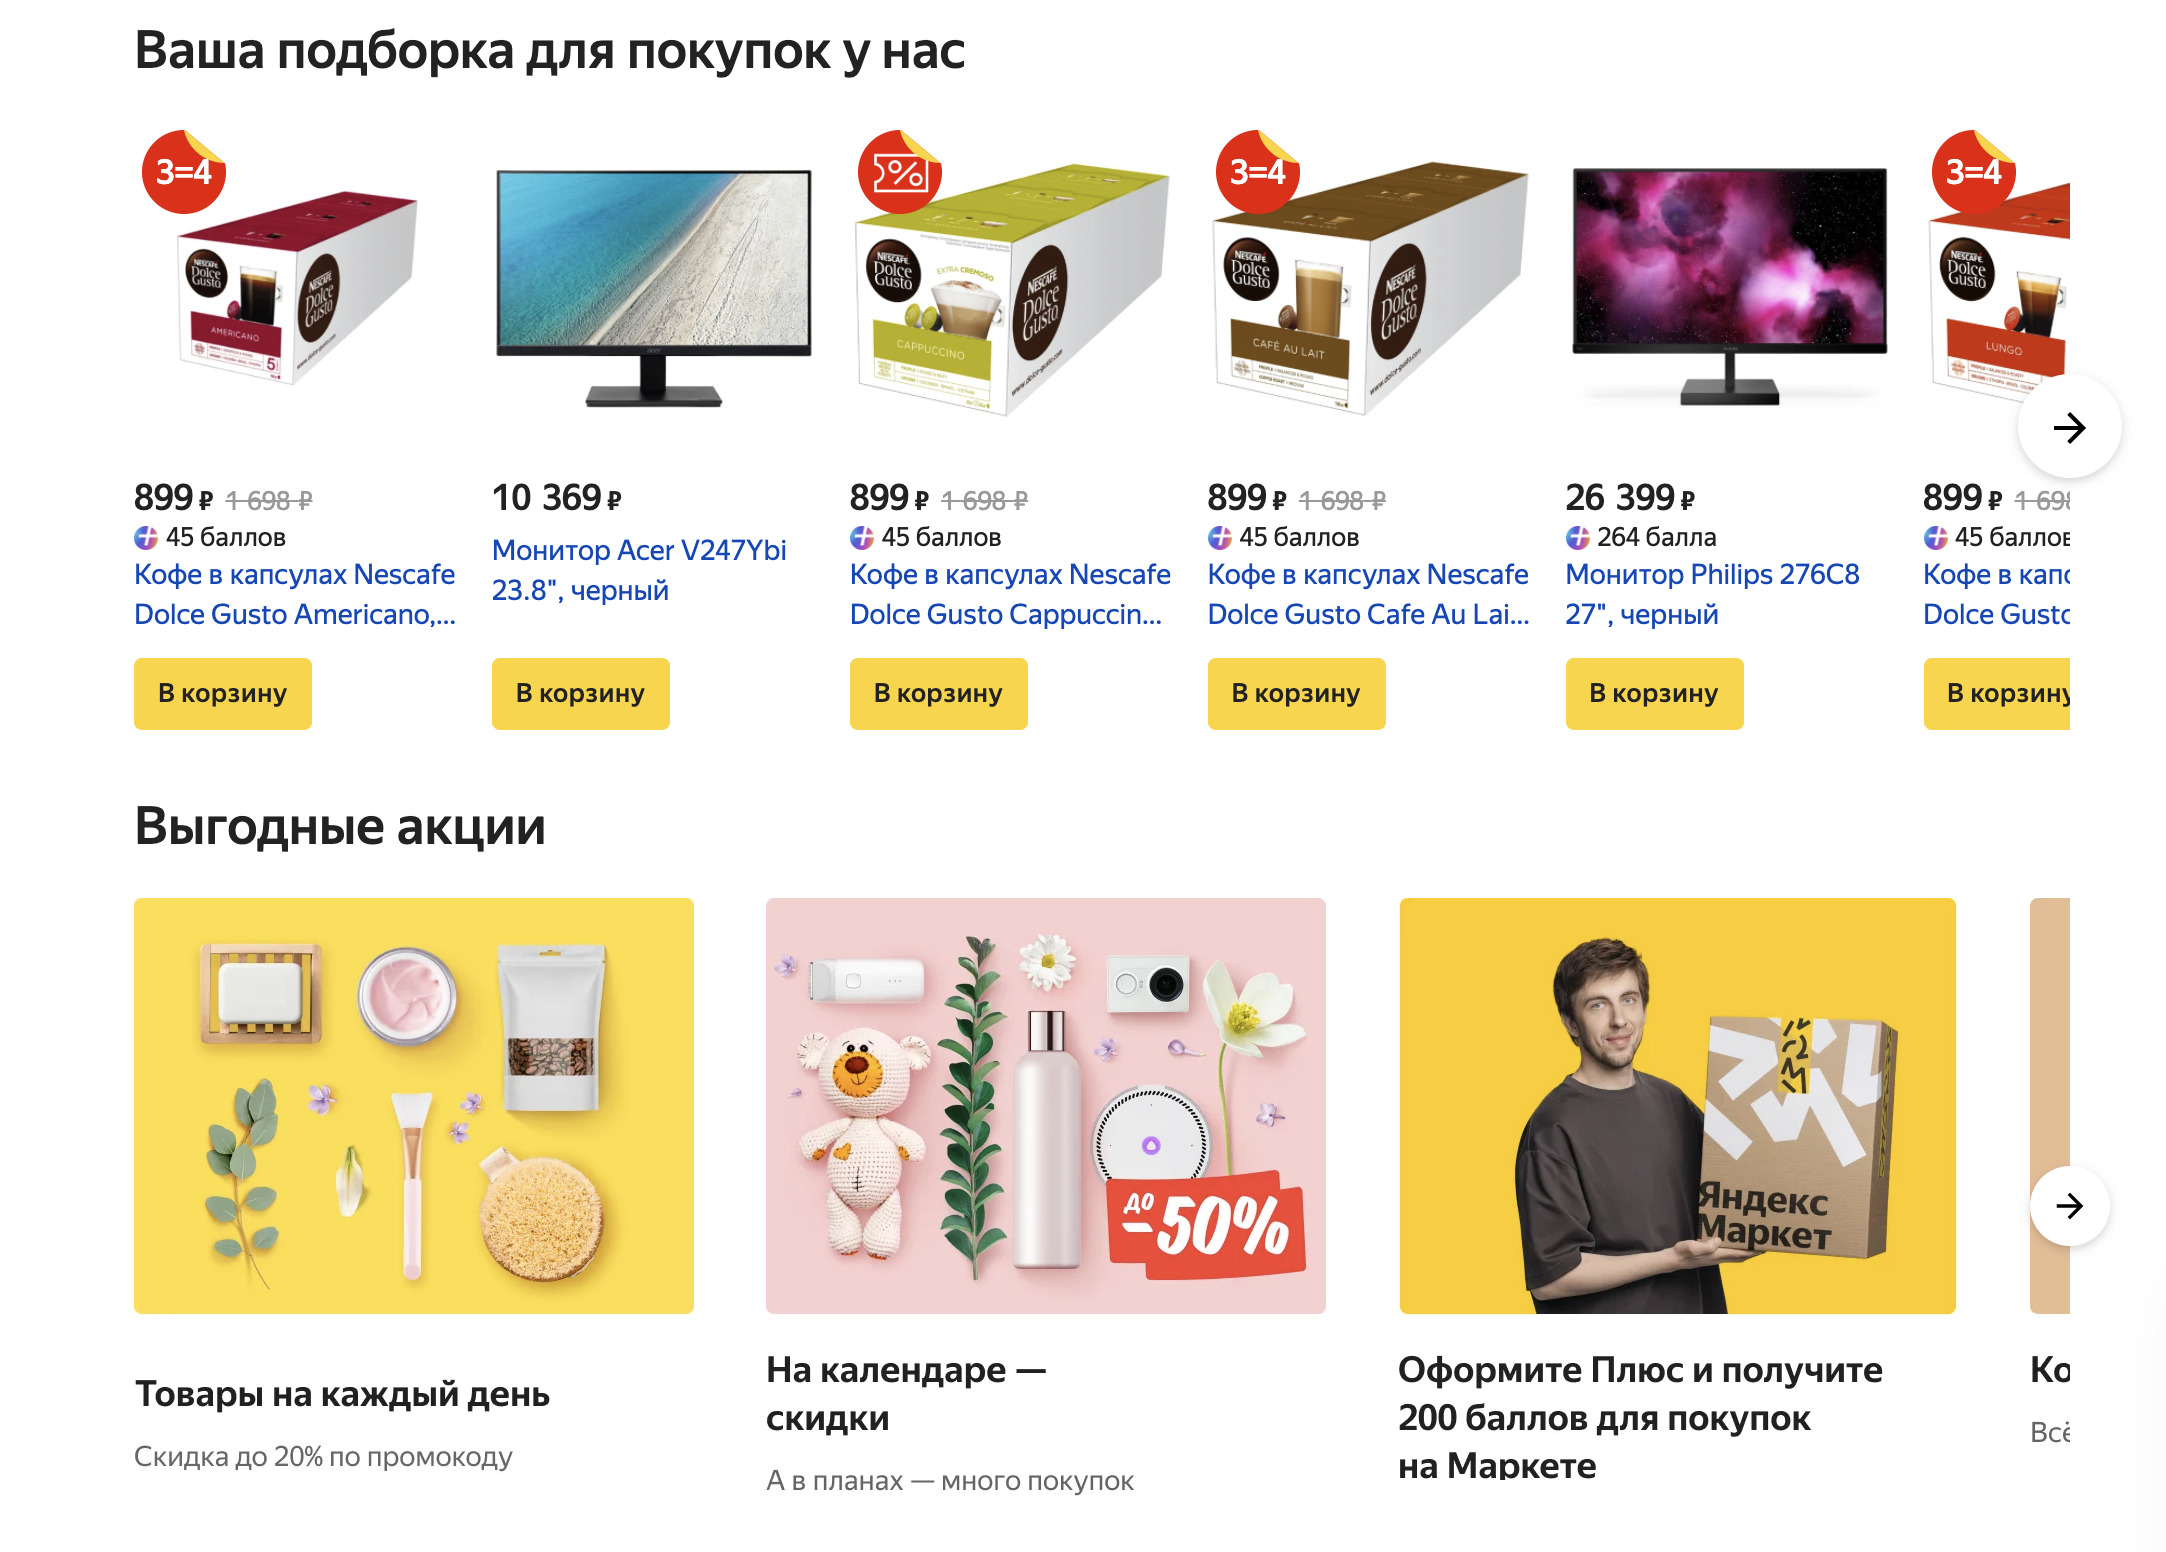 Доставка из Яндекс.Маркет в Дербент, сроки, пункты выдачи, каталог